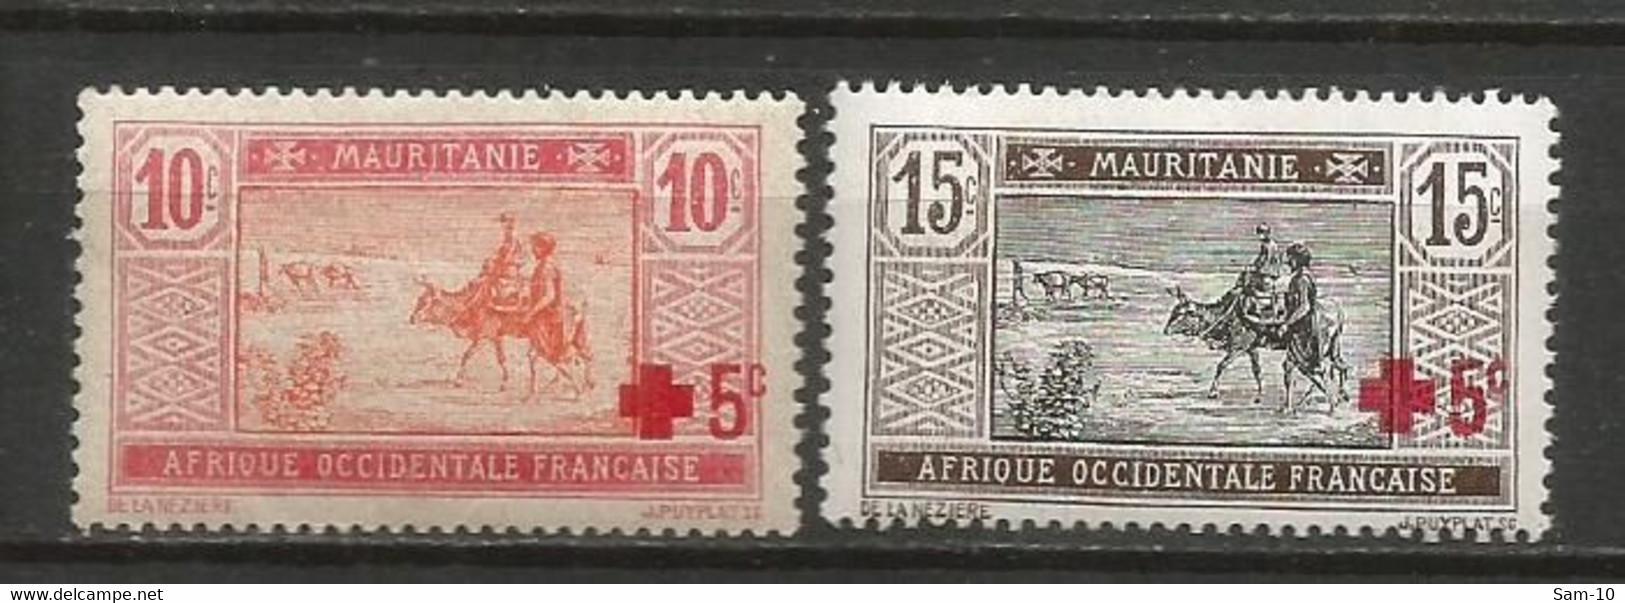 Timbre Colonie Française Mauritanie  Neuf ** N  34 / 35 - Nuovi